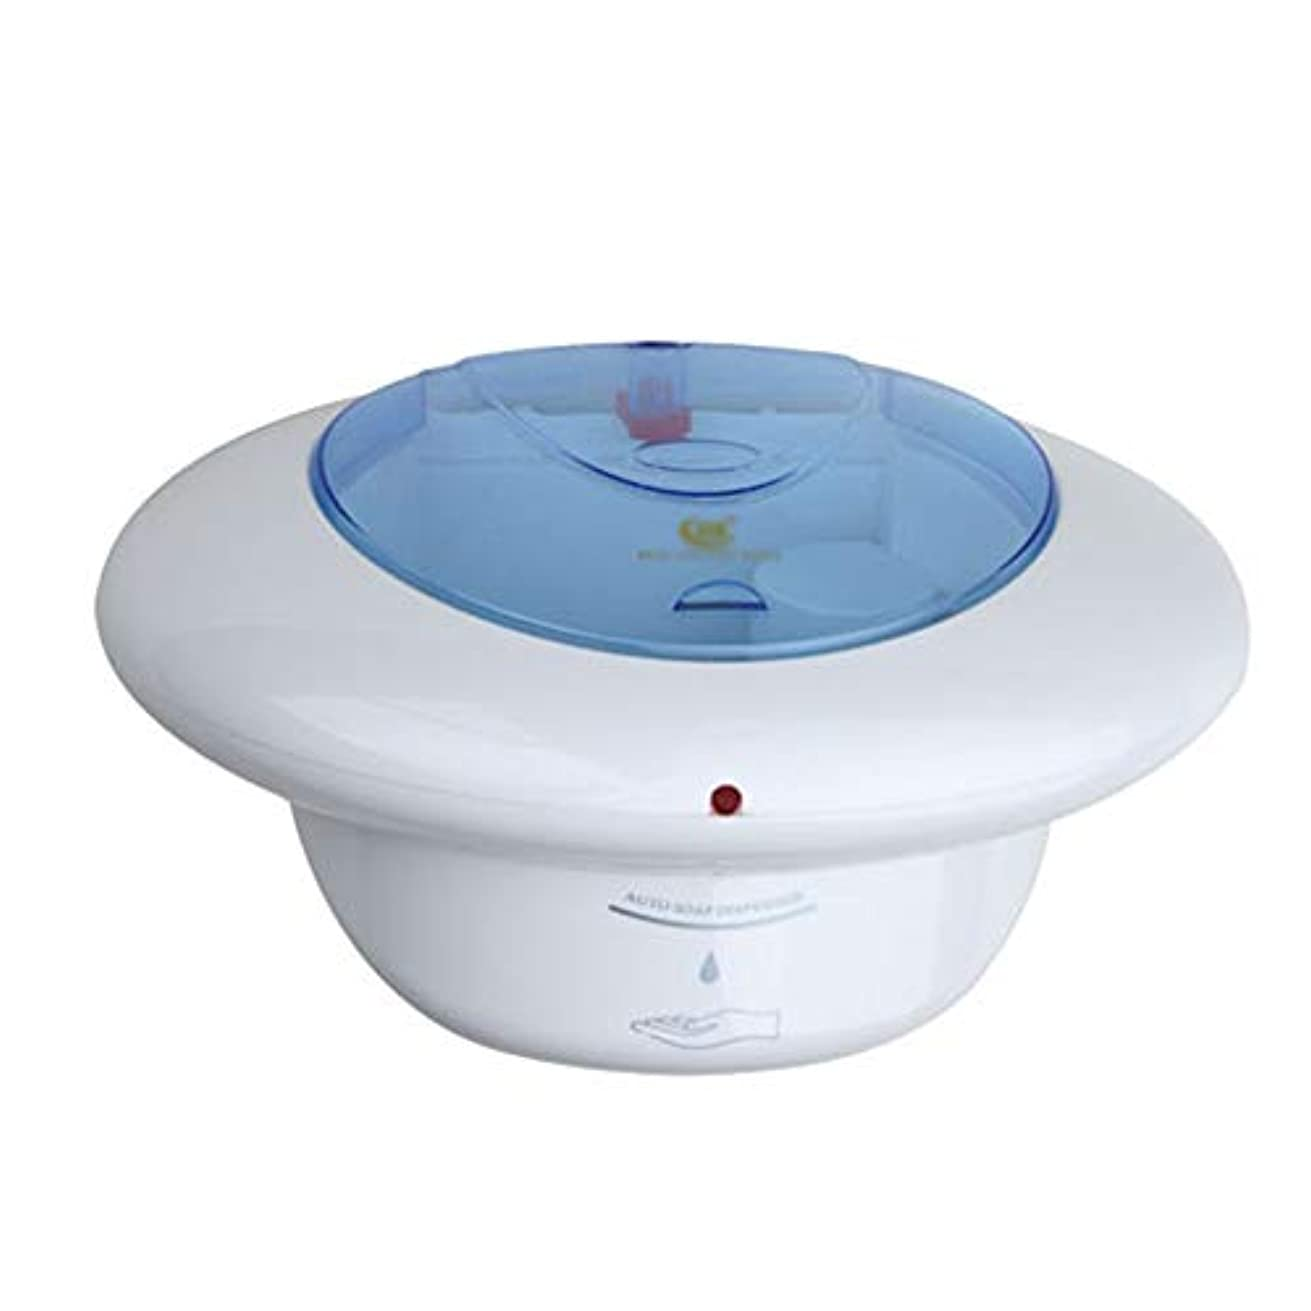 土器精査する更新ソープディスペンサー 700mlの容量赤外線検出壁掛け自動ソープディスペンサー ハンドソープ 食器用洗剤 キッチン 洗面所などに適用 (Color : White, Size : One size)